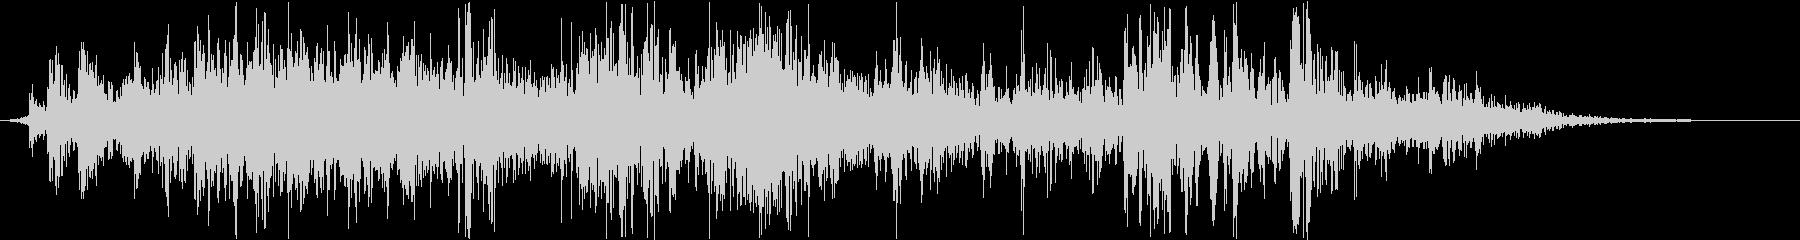 ヘビーウッドクランチミュートクラッシュの未再生の波形